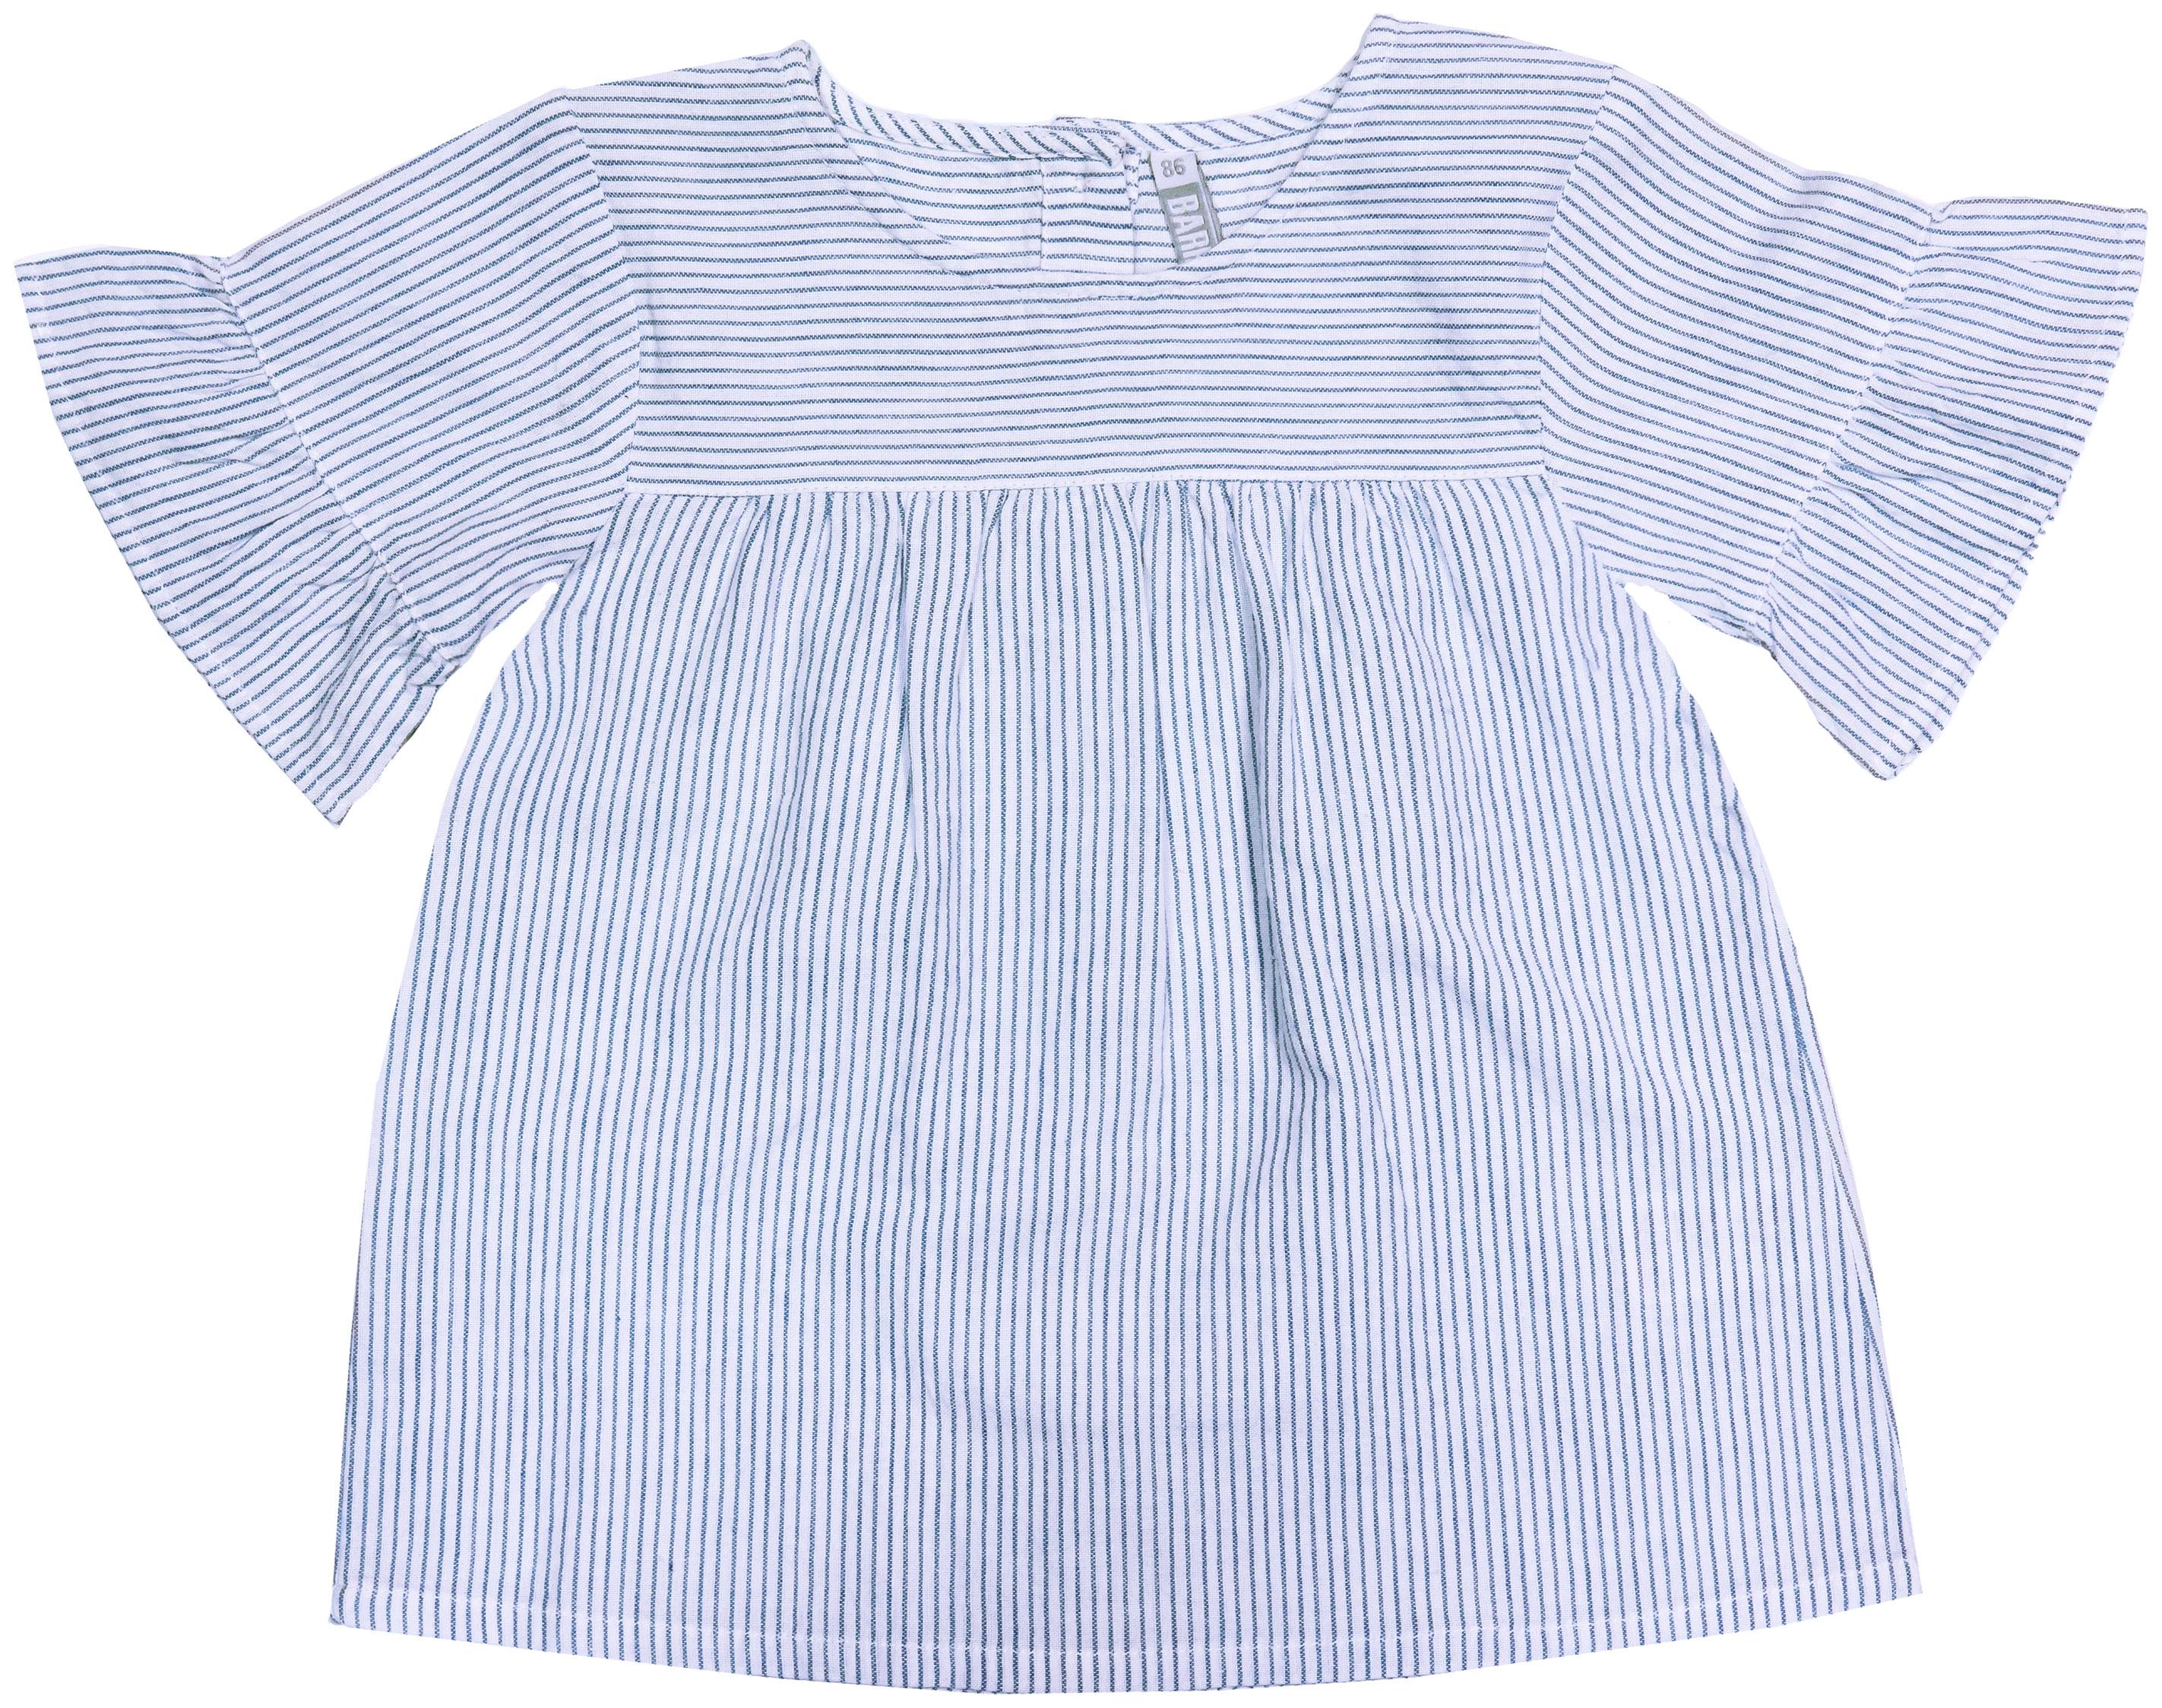 Блузки Barkito Морская принцесса 917002 X520 75 блузка детская barkito морская принцесса голубая